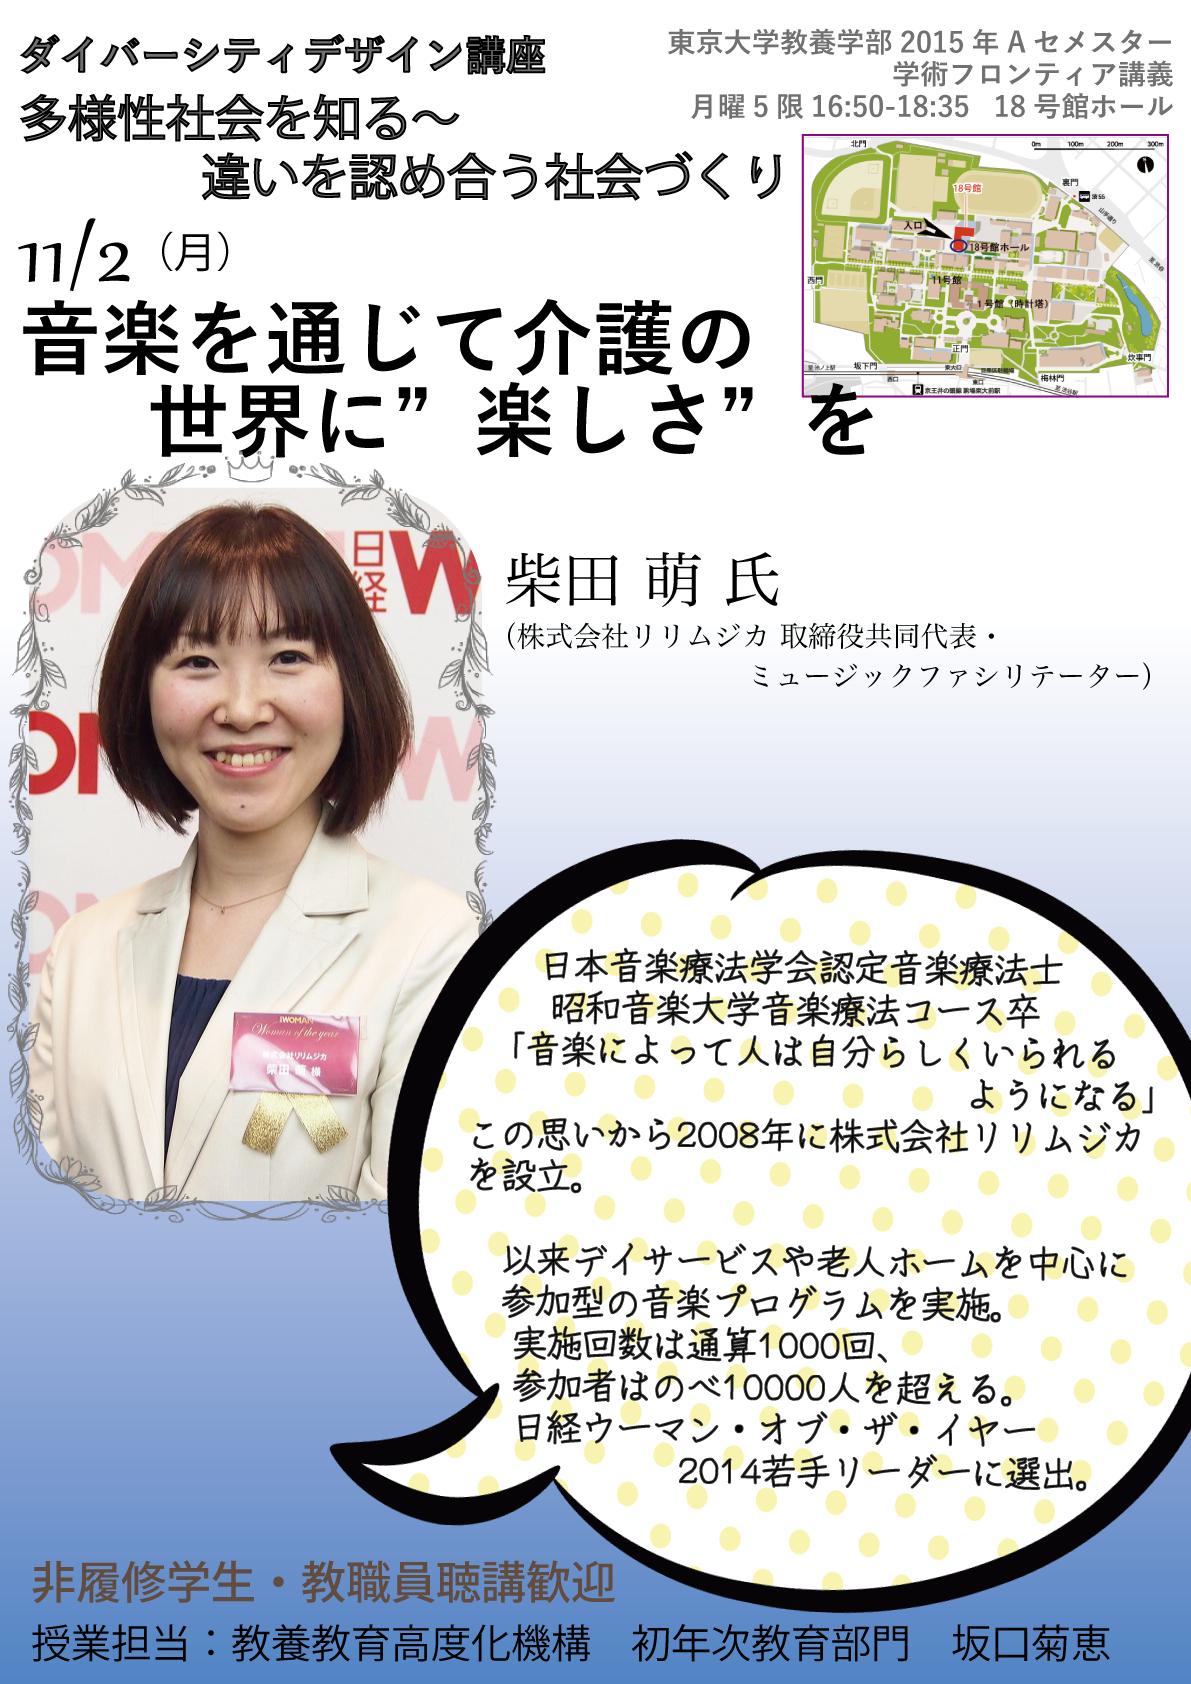 7_MoeShibata